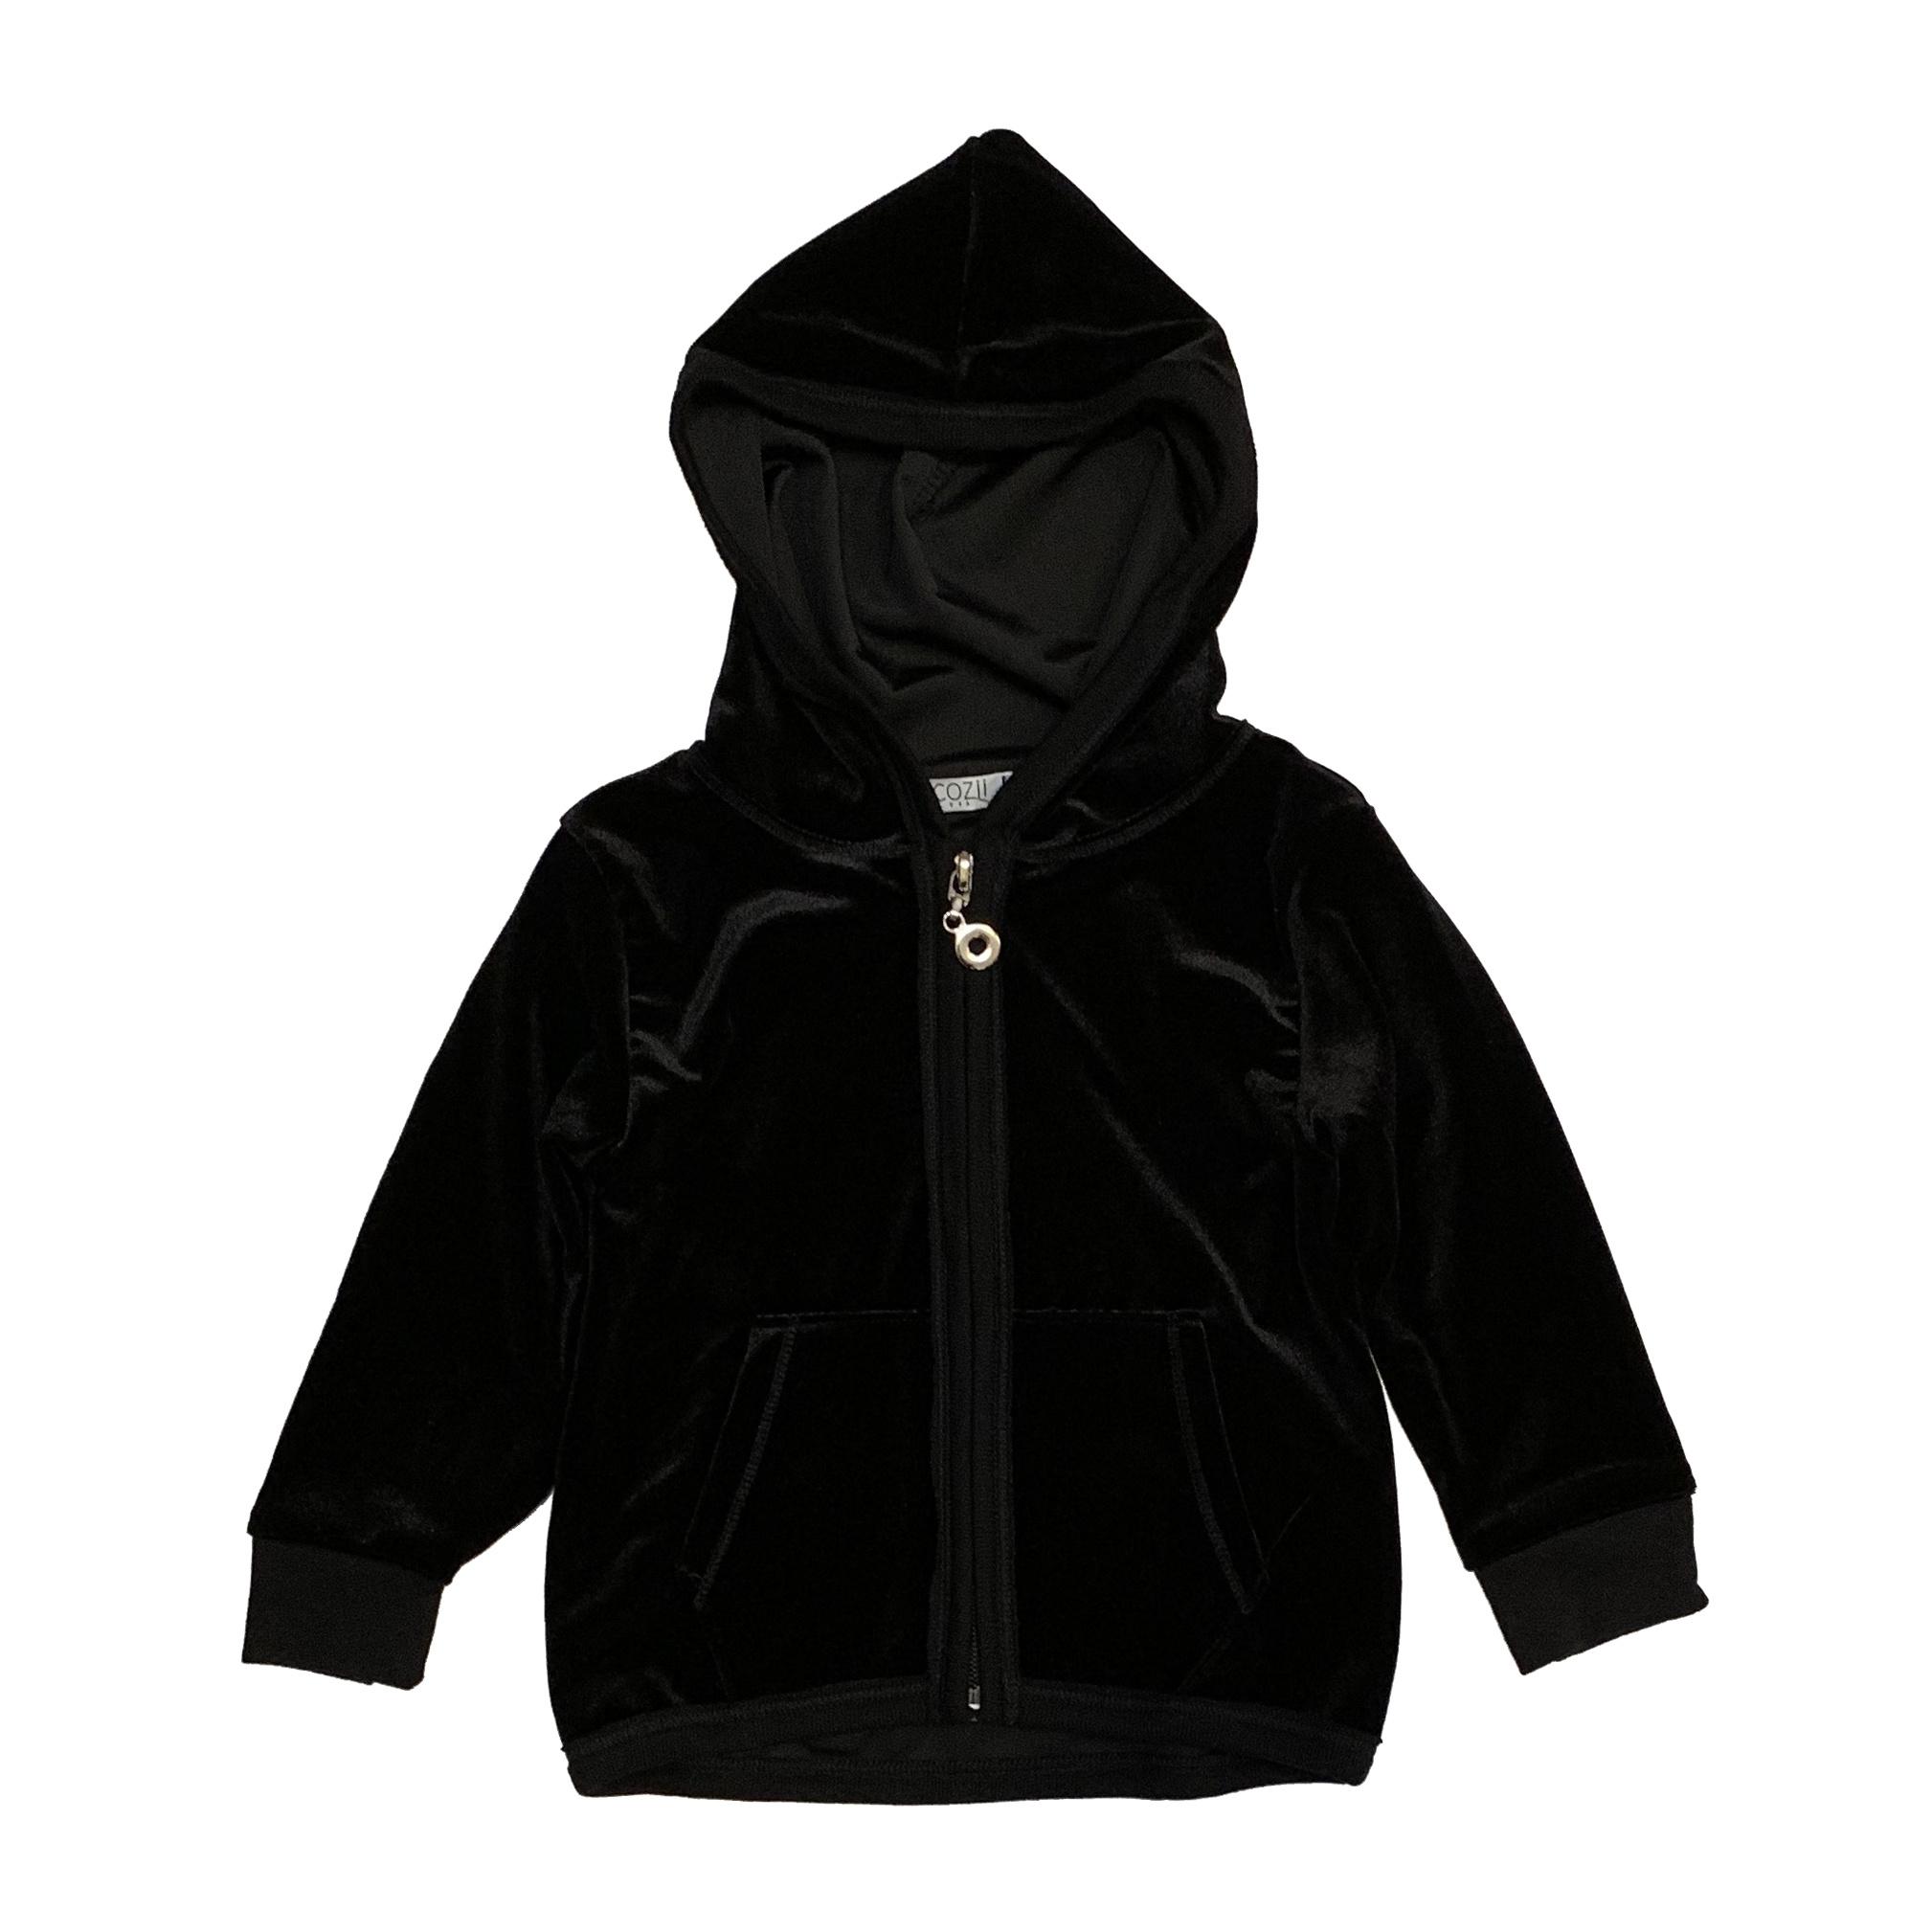 Cozii Ruffle-Back Velour Zip Jacket